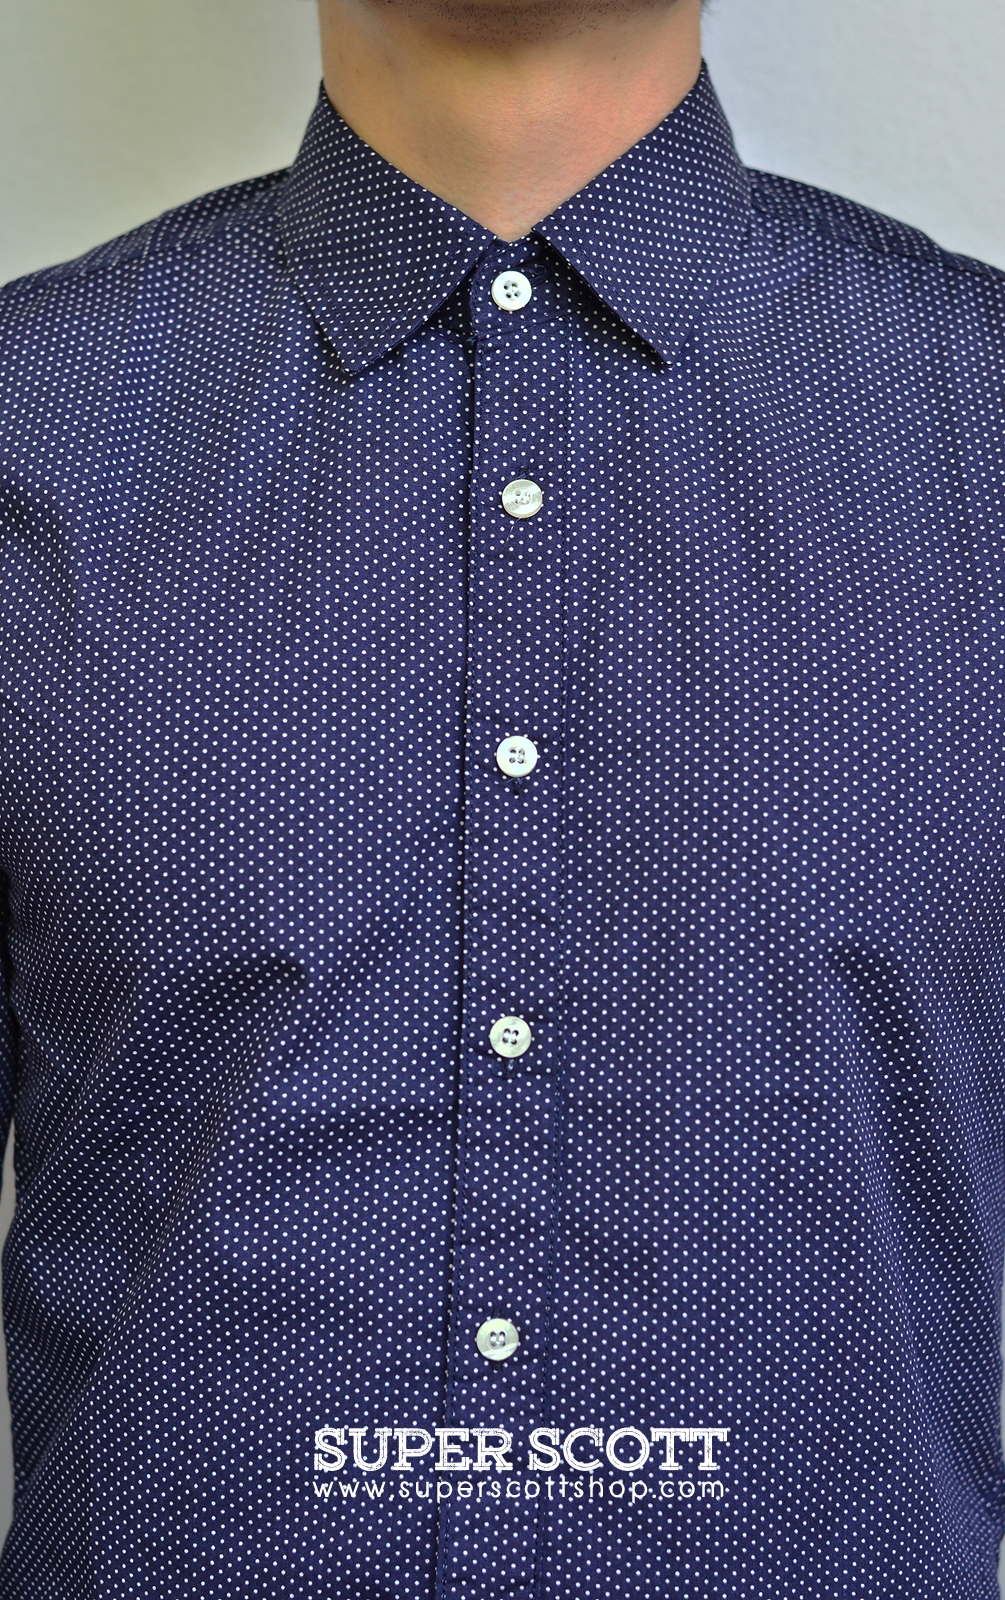 เสื้อเชิ้ต สีน้ำเงิน ลายจุด